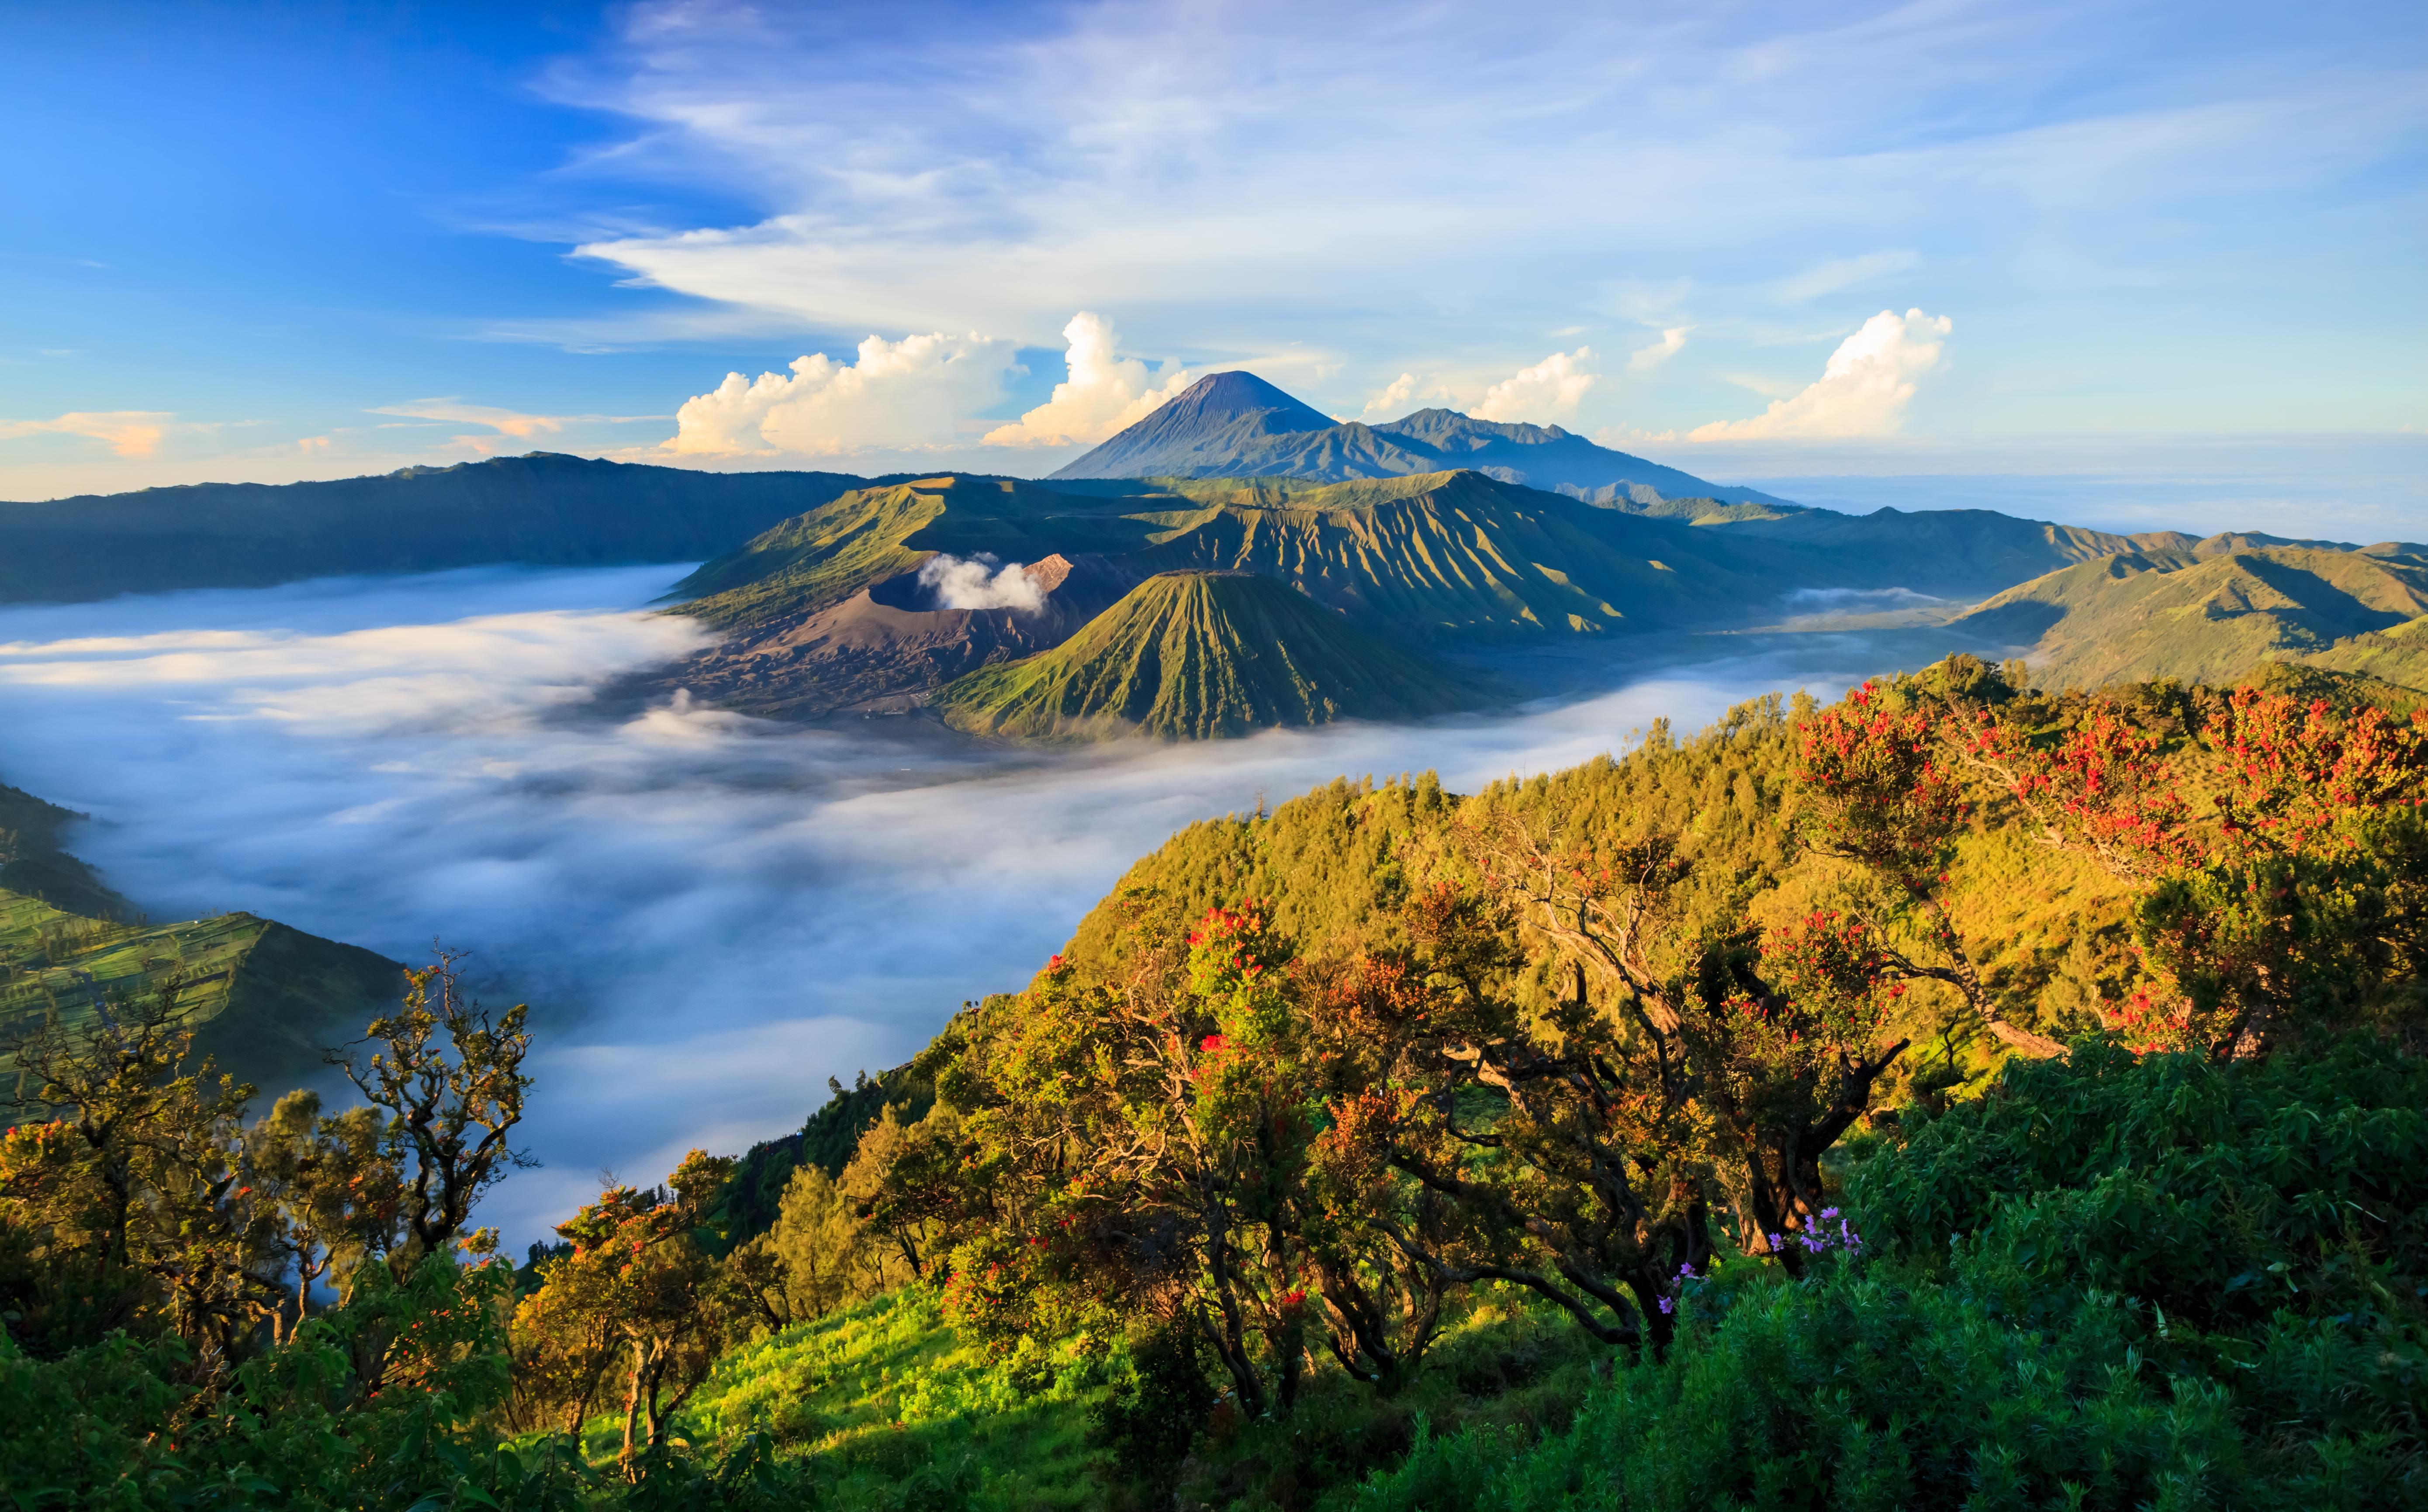 SUMATRA, JAVA & BALI / INDONESIEN: Die ausführliche Reise